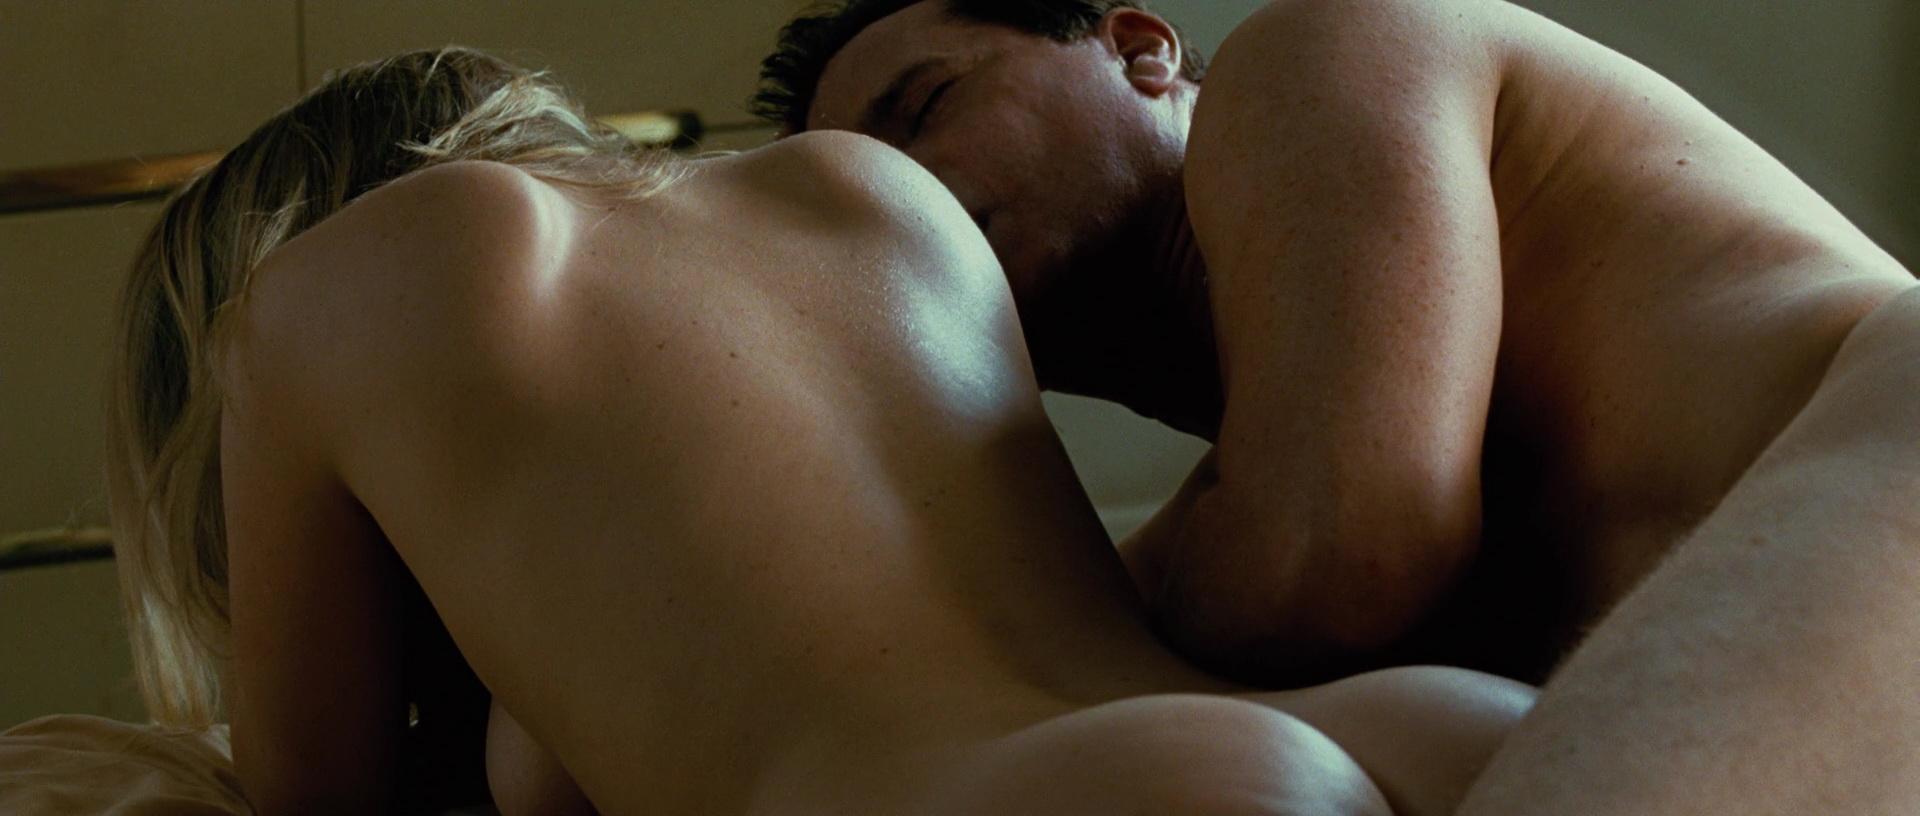 Alice eve nude sex scenes